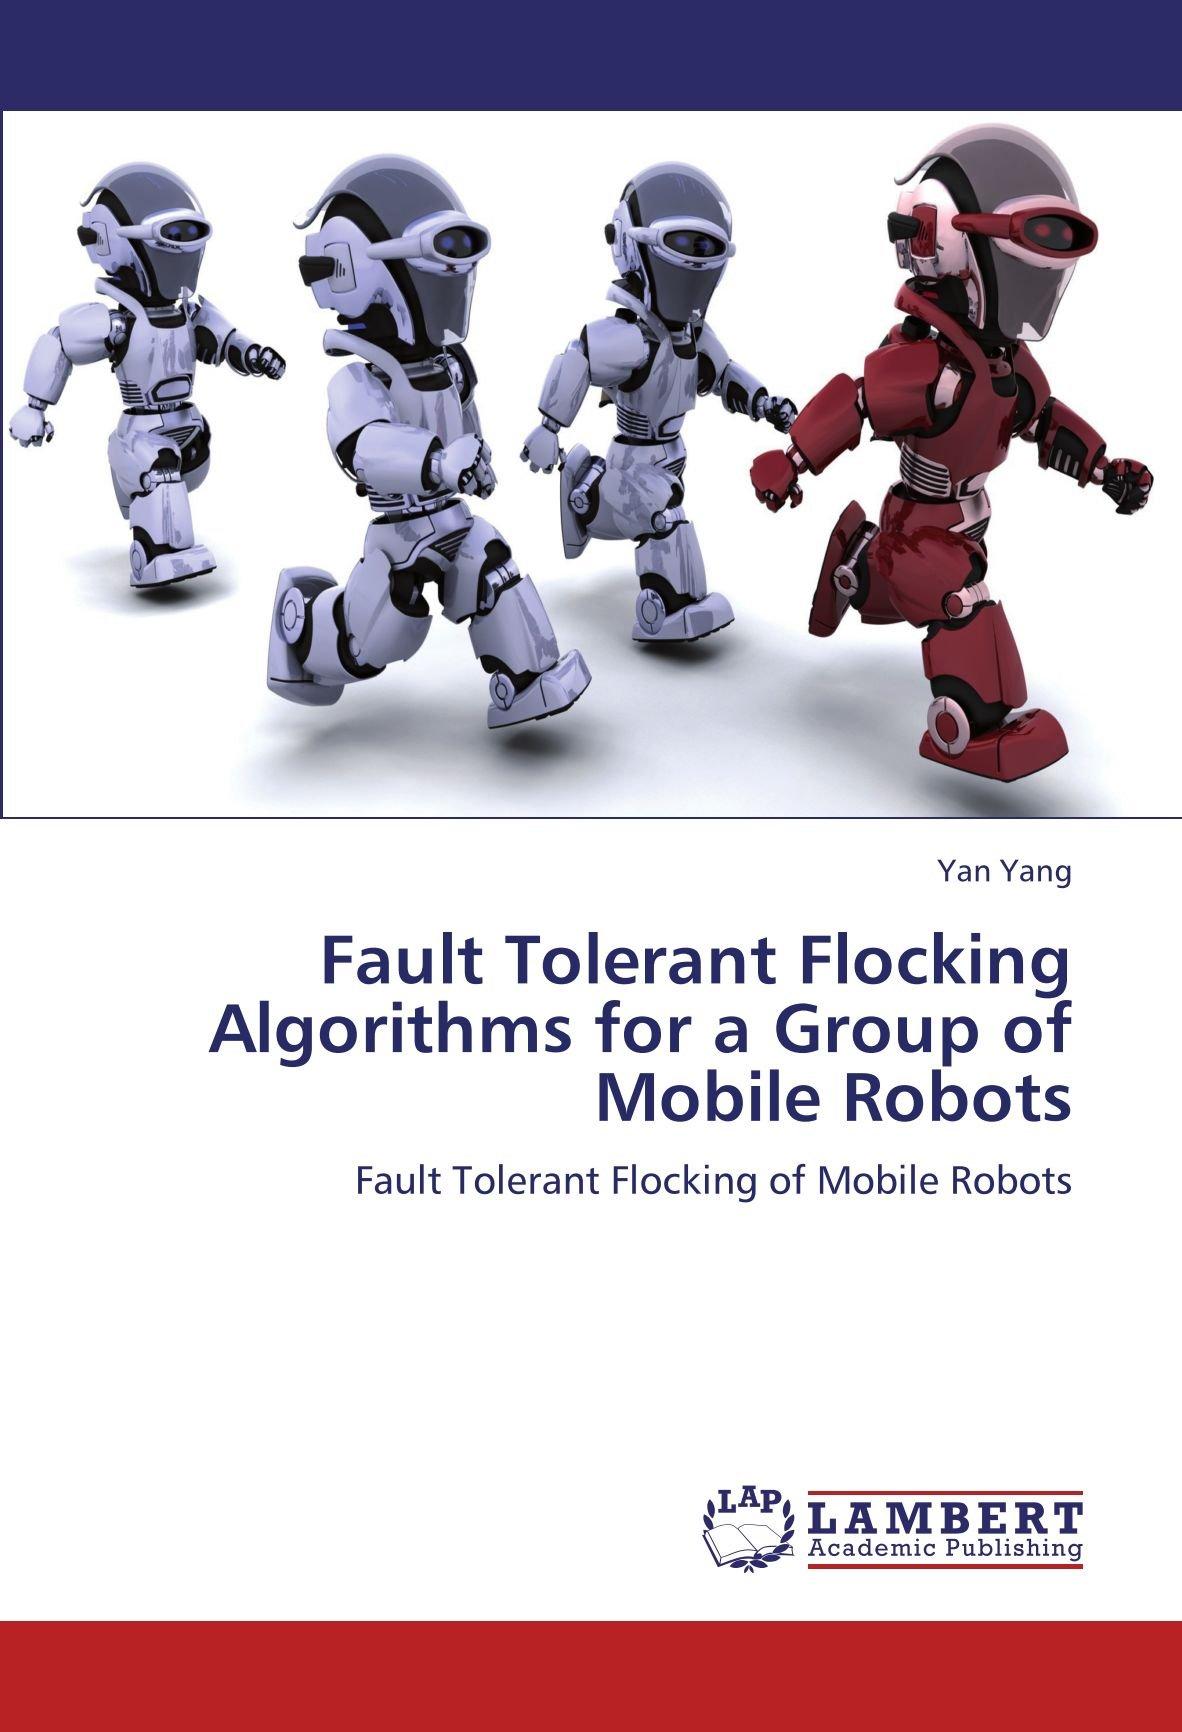 Download Fault Tolerant Flocking Algorithms for a Group of Mobile Robots: Fault Tolerant Flocking of Mobile Robots ebook